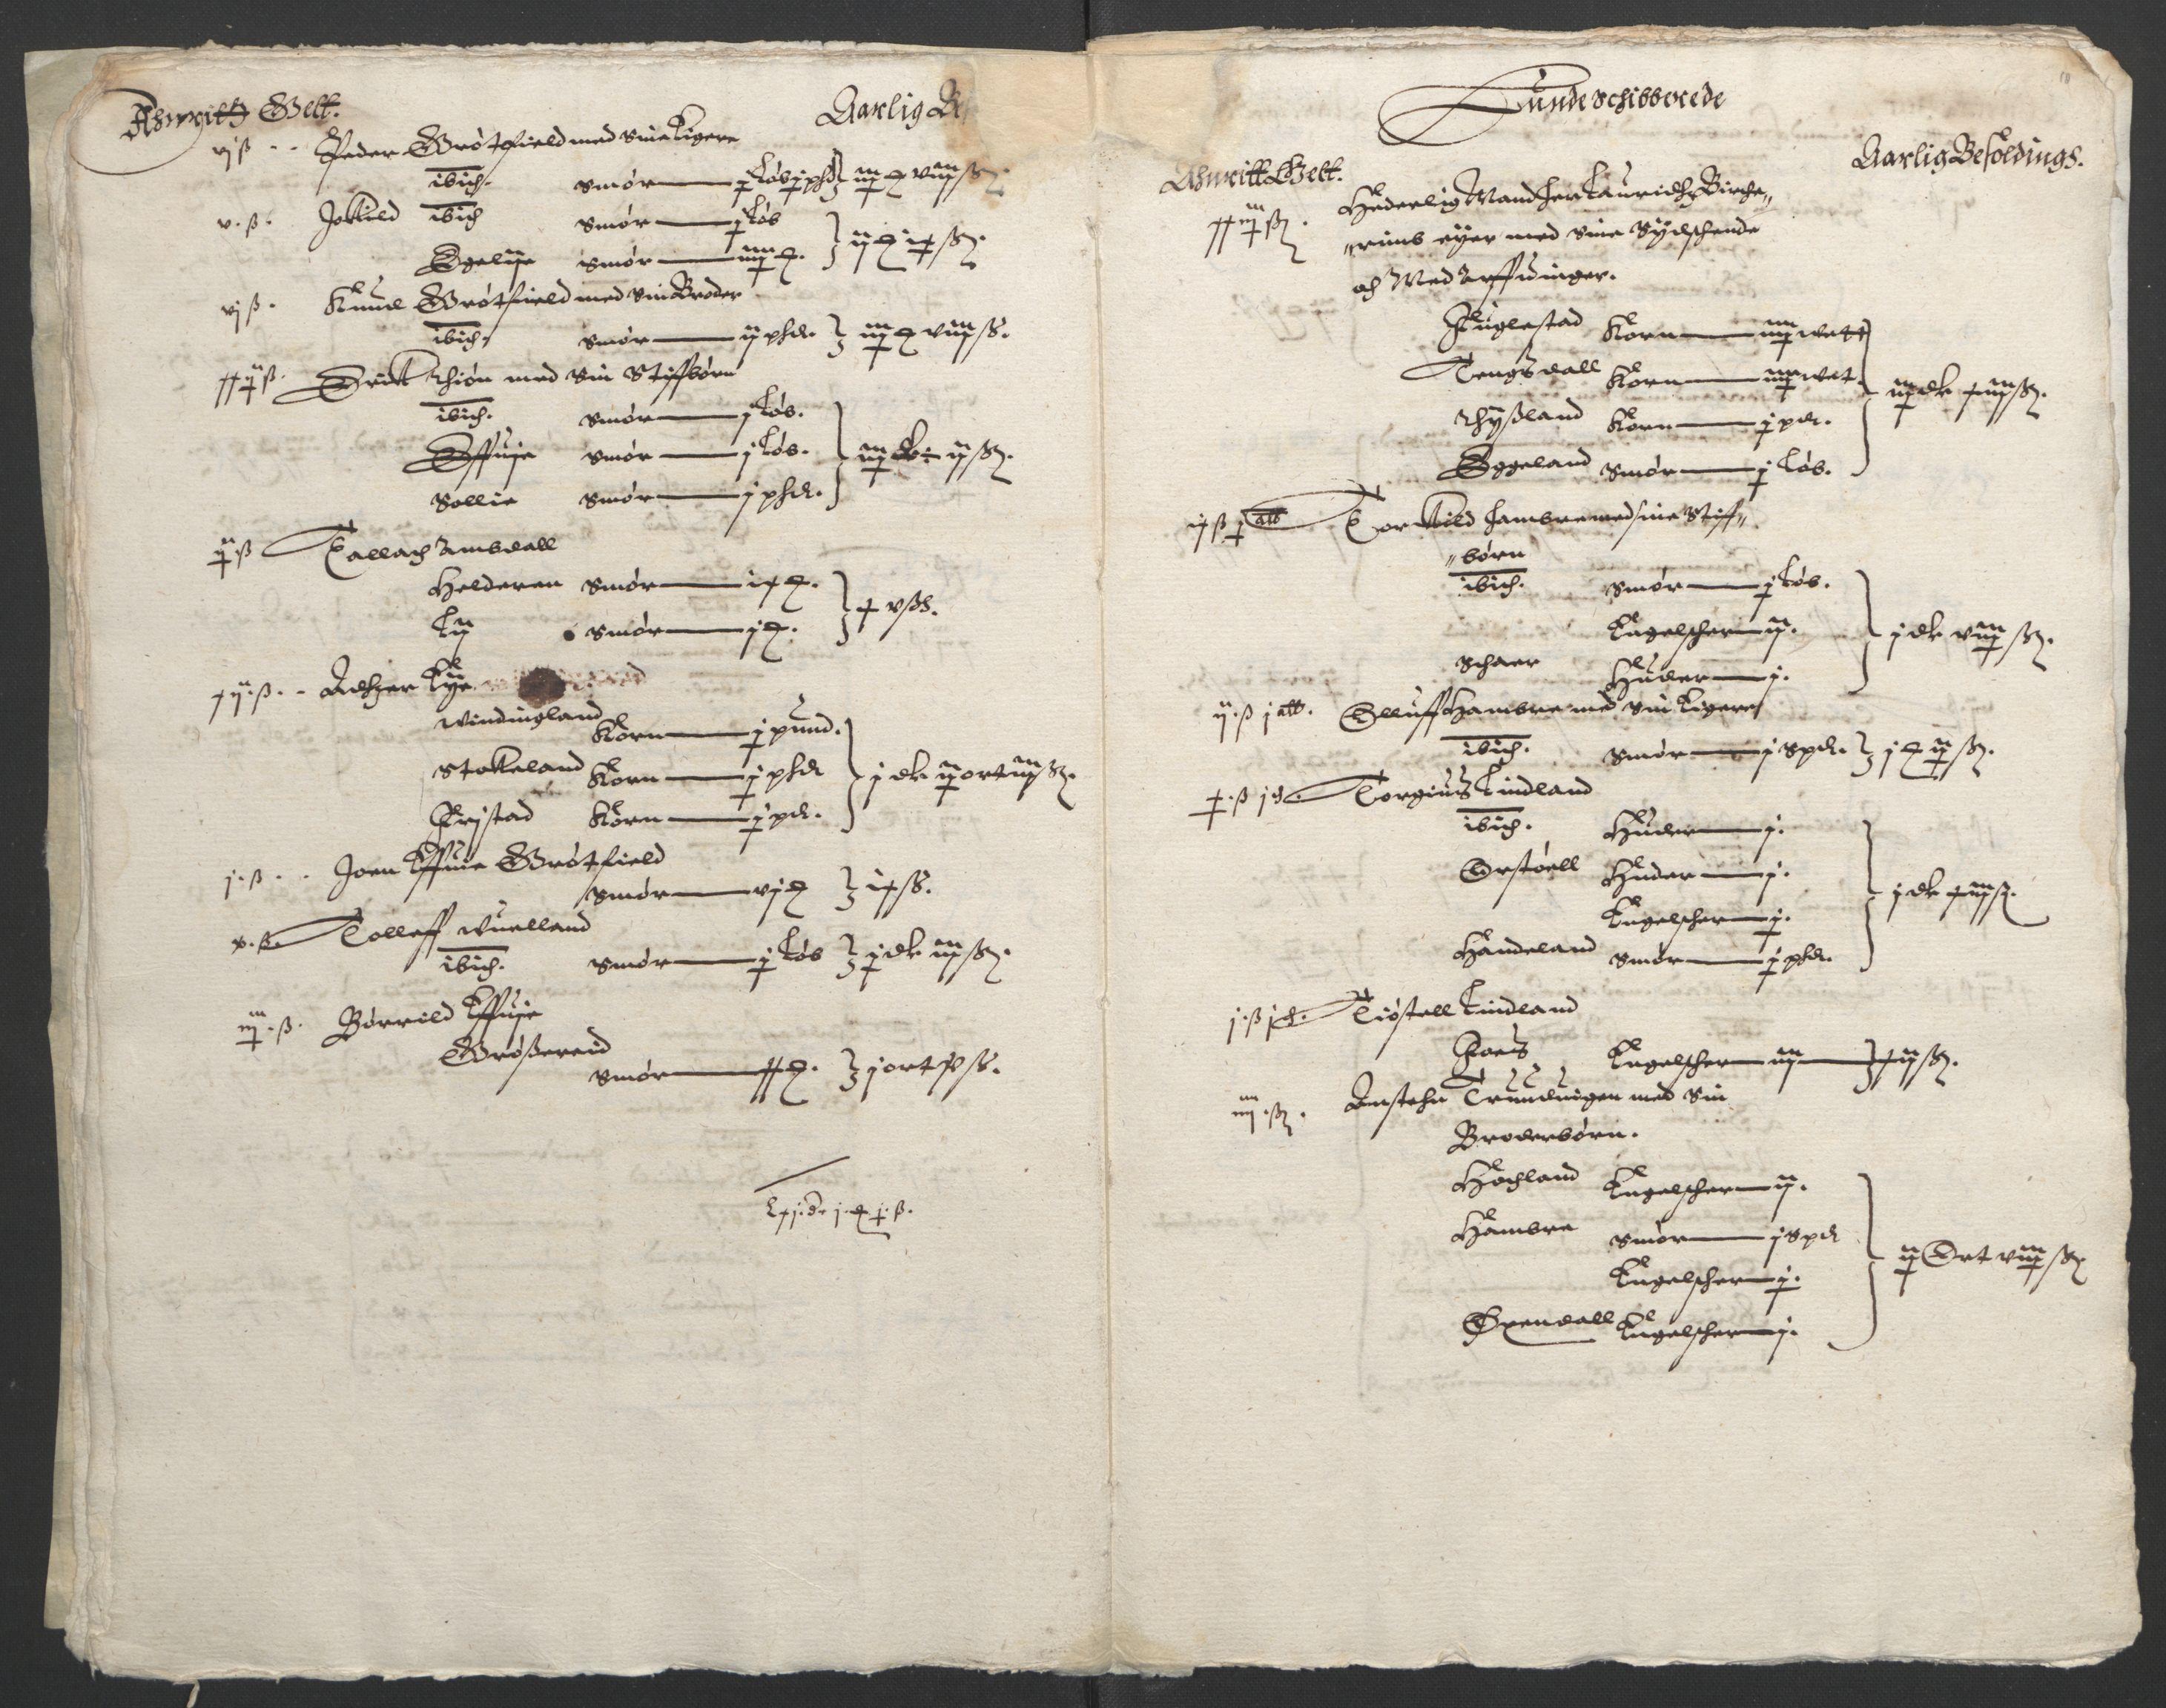 RA, Stattholderembetet 1572-1771, Ek/L0010: Jordebøker til utlikning av rosstjeneste 1624-1626:, 1624-1626, s. 105